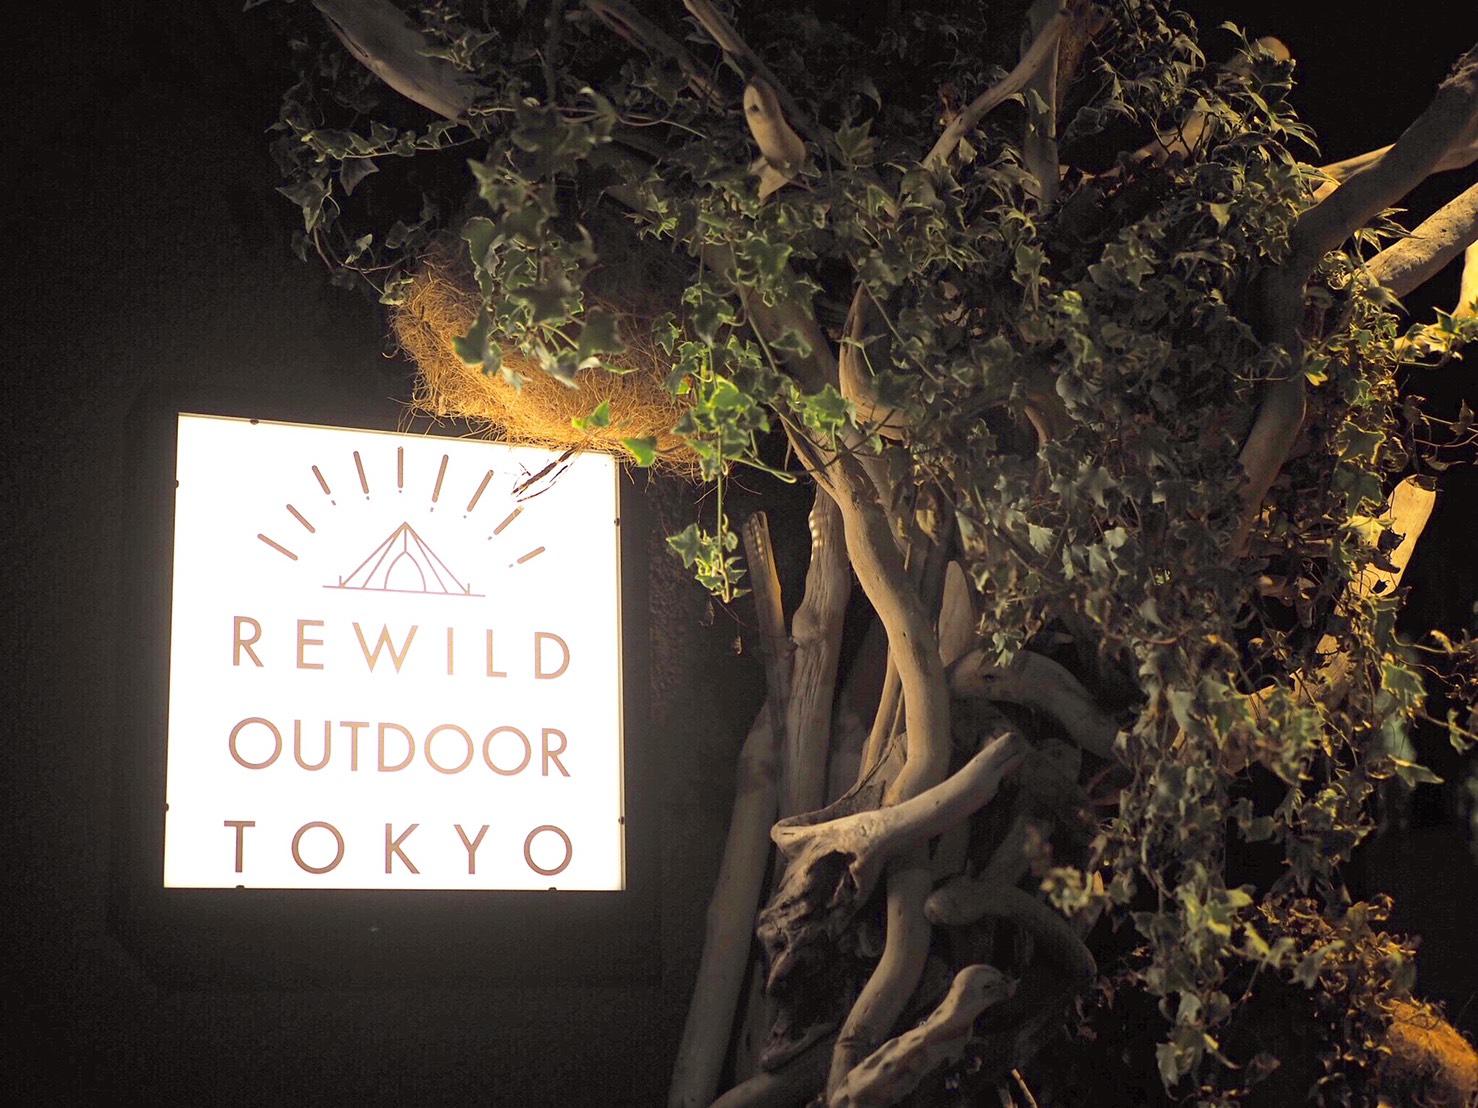 噂のスポット!茅場町でキャンプ体験ができる【REWILD OUTDOOR TOKYO】レポ♡_1